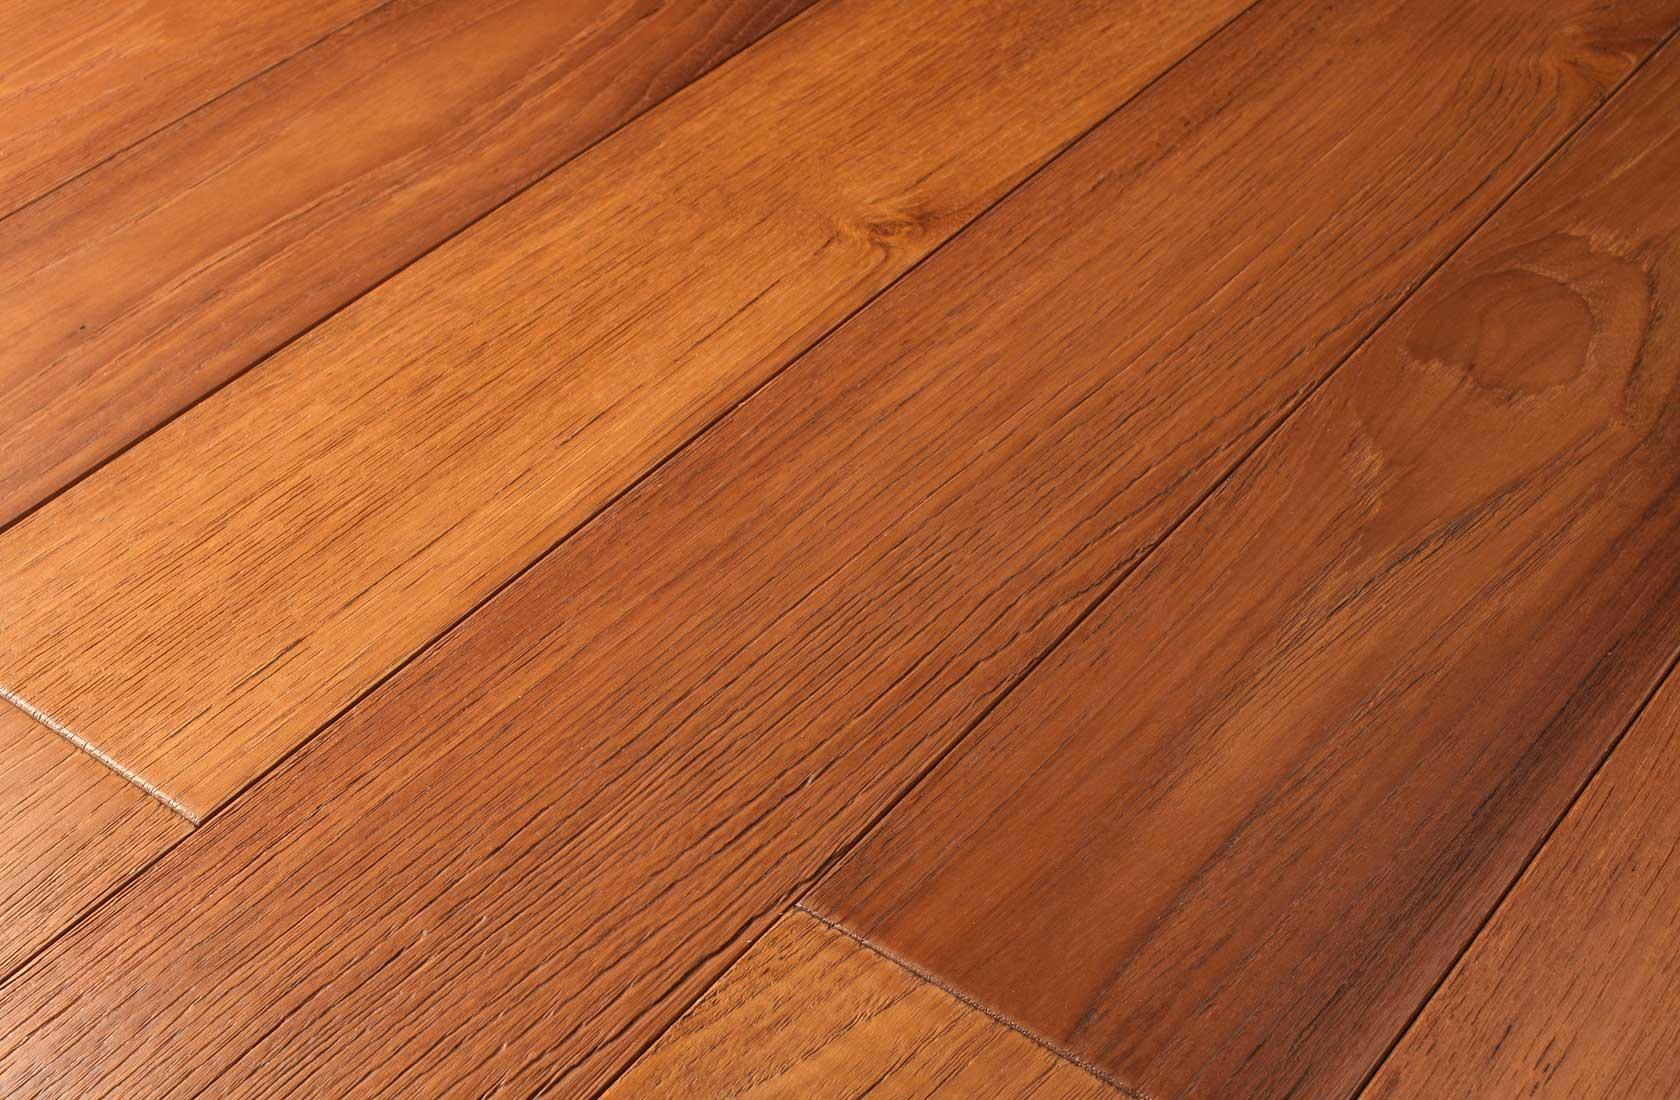 Legno Per Parquet Africano le essenze del parquet pontevecchio, pavimenti in legno